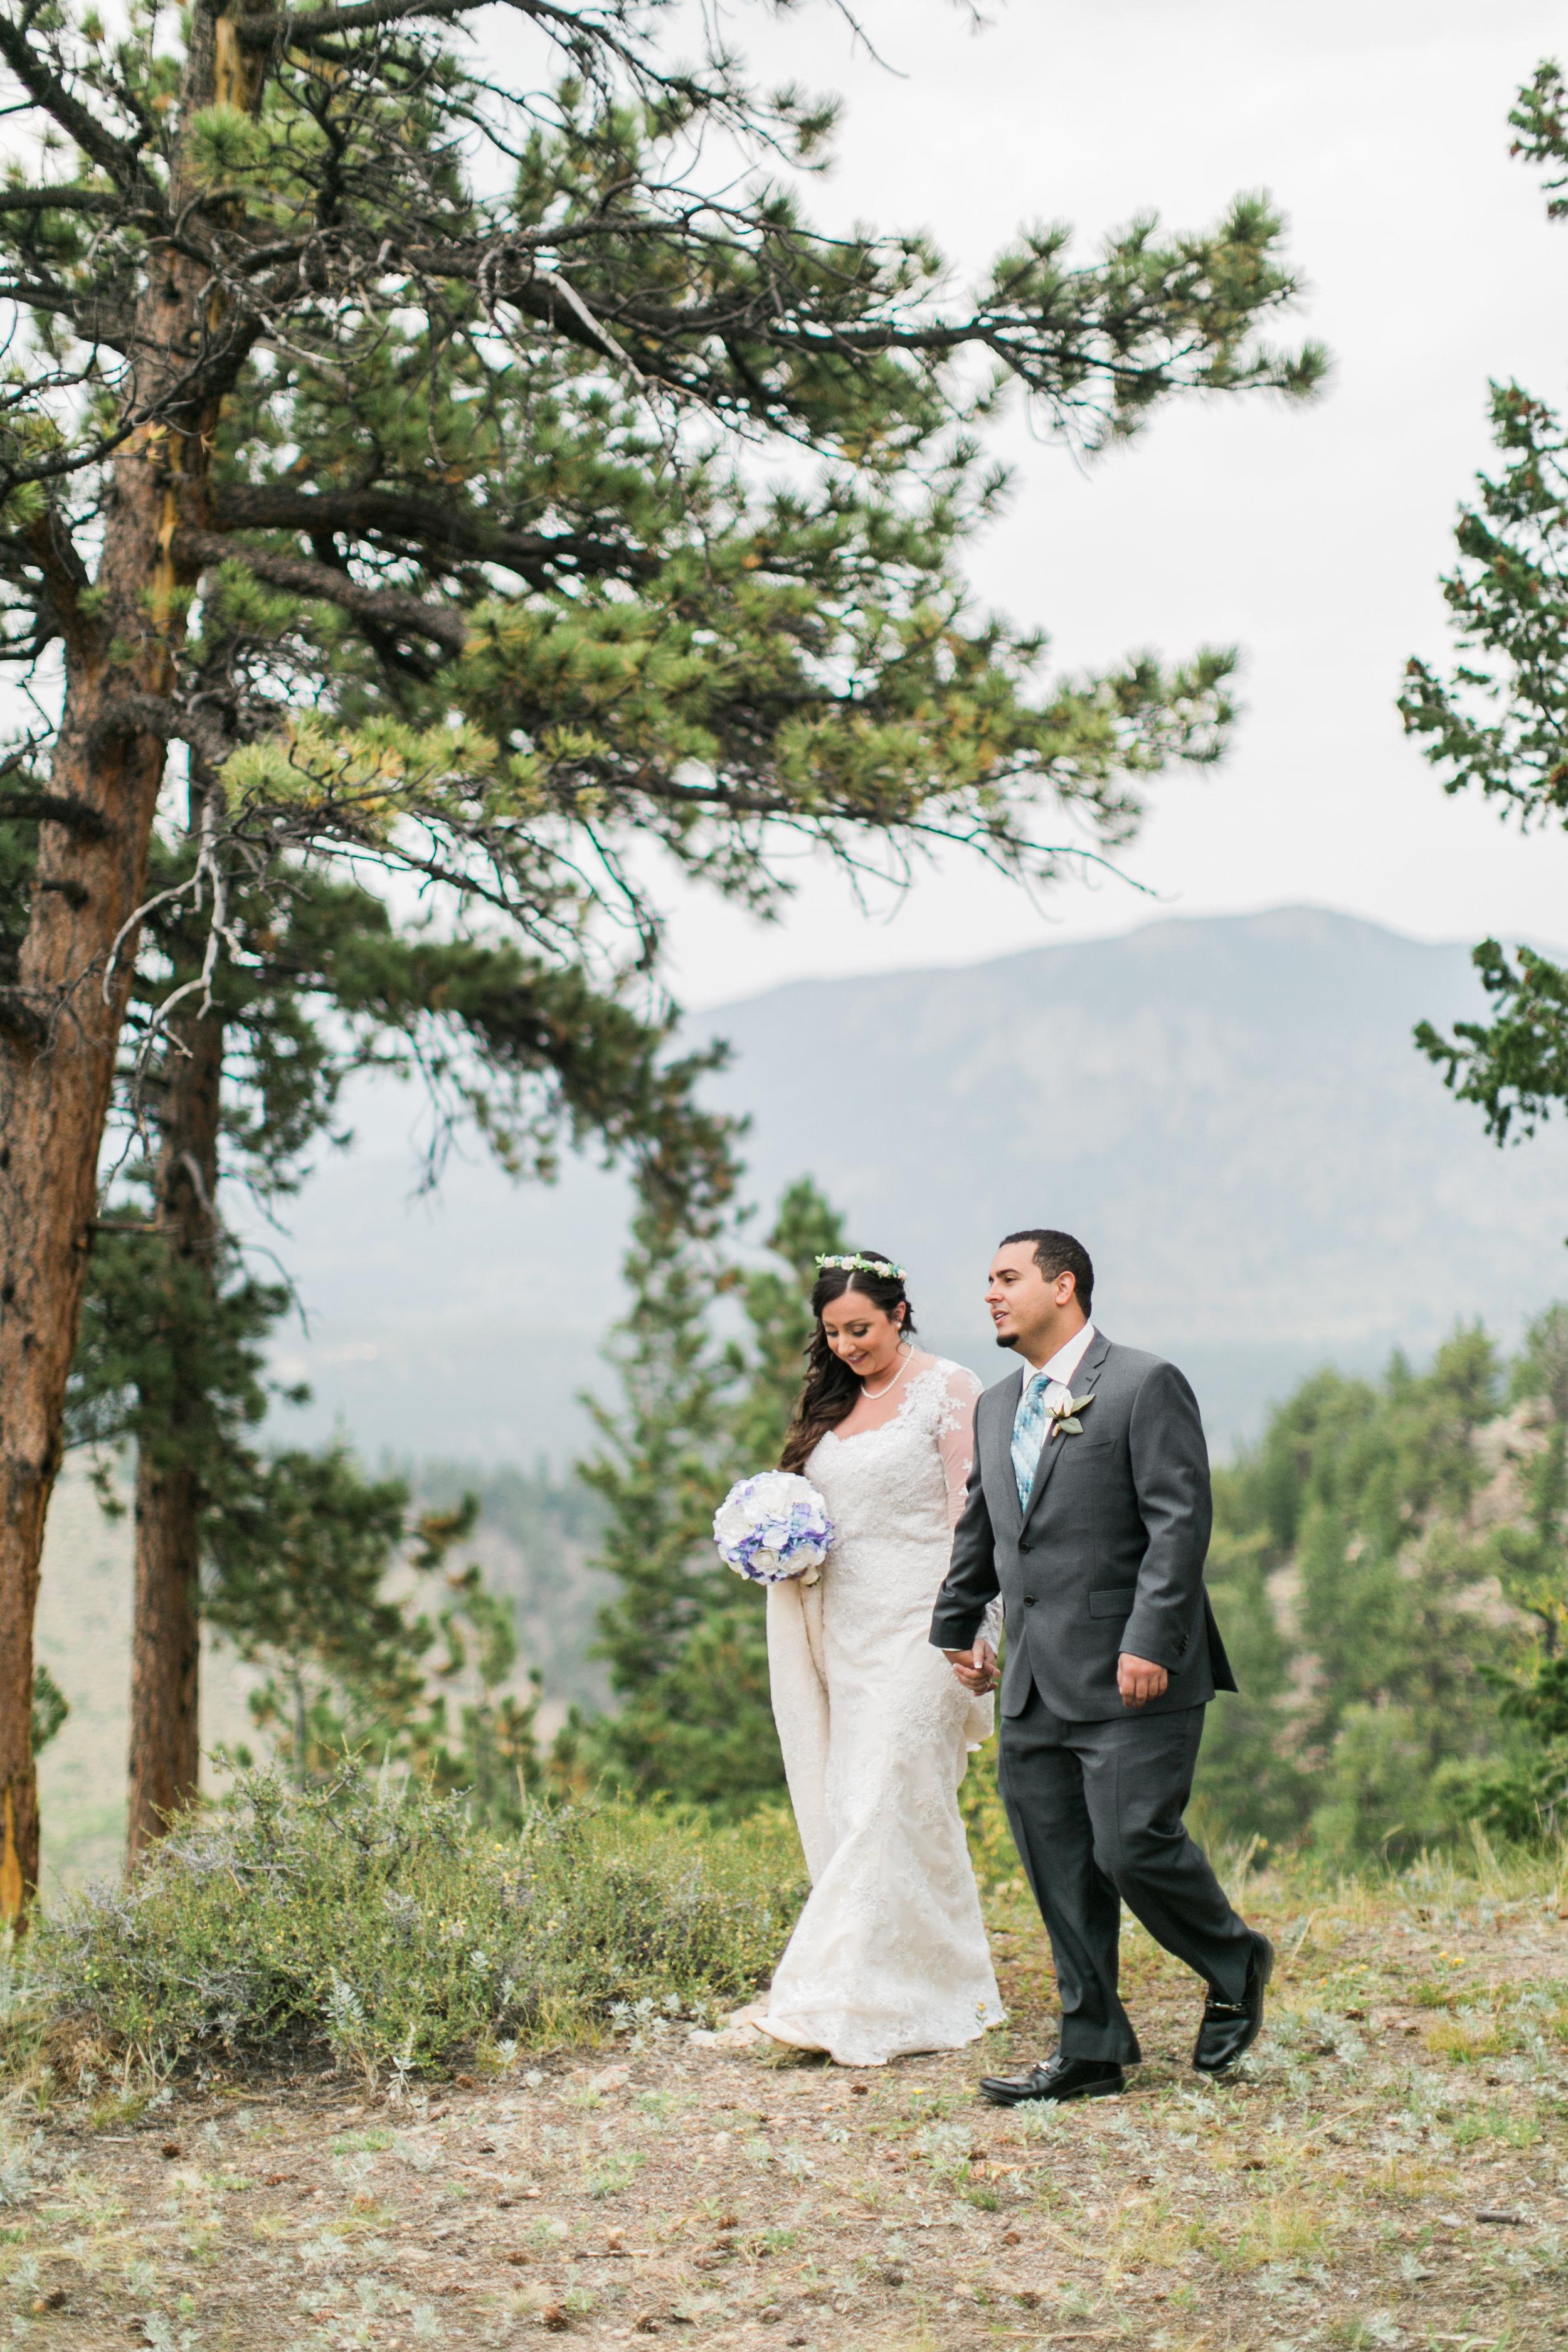 Rachel & Jonathan, Estes Park, CO